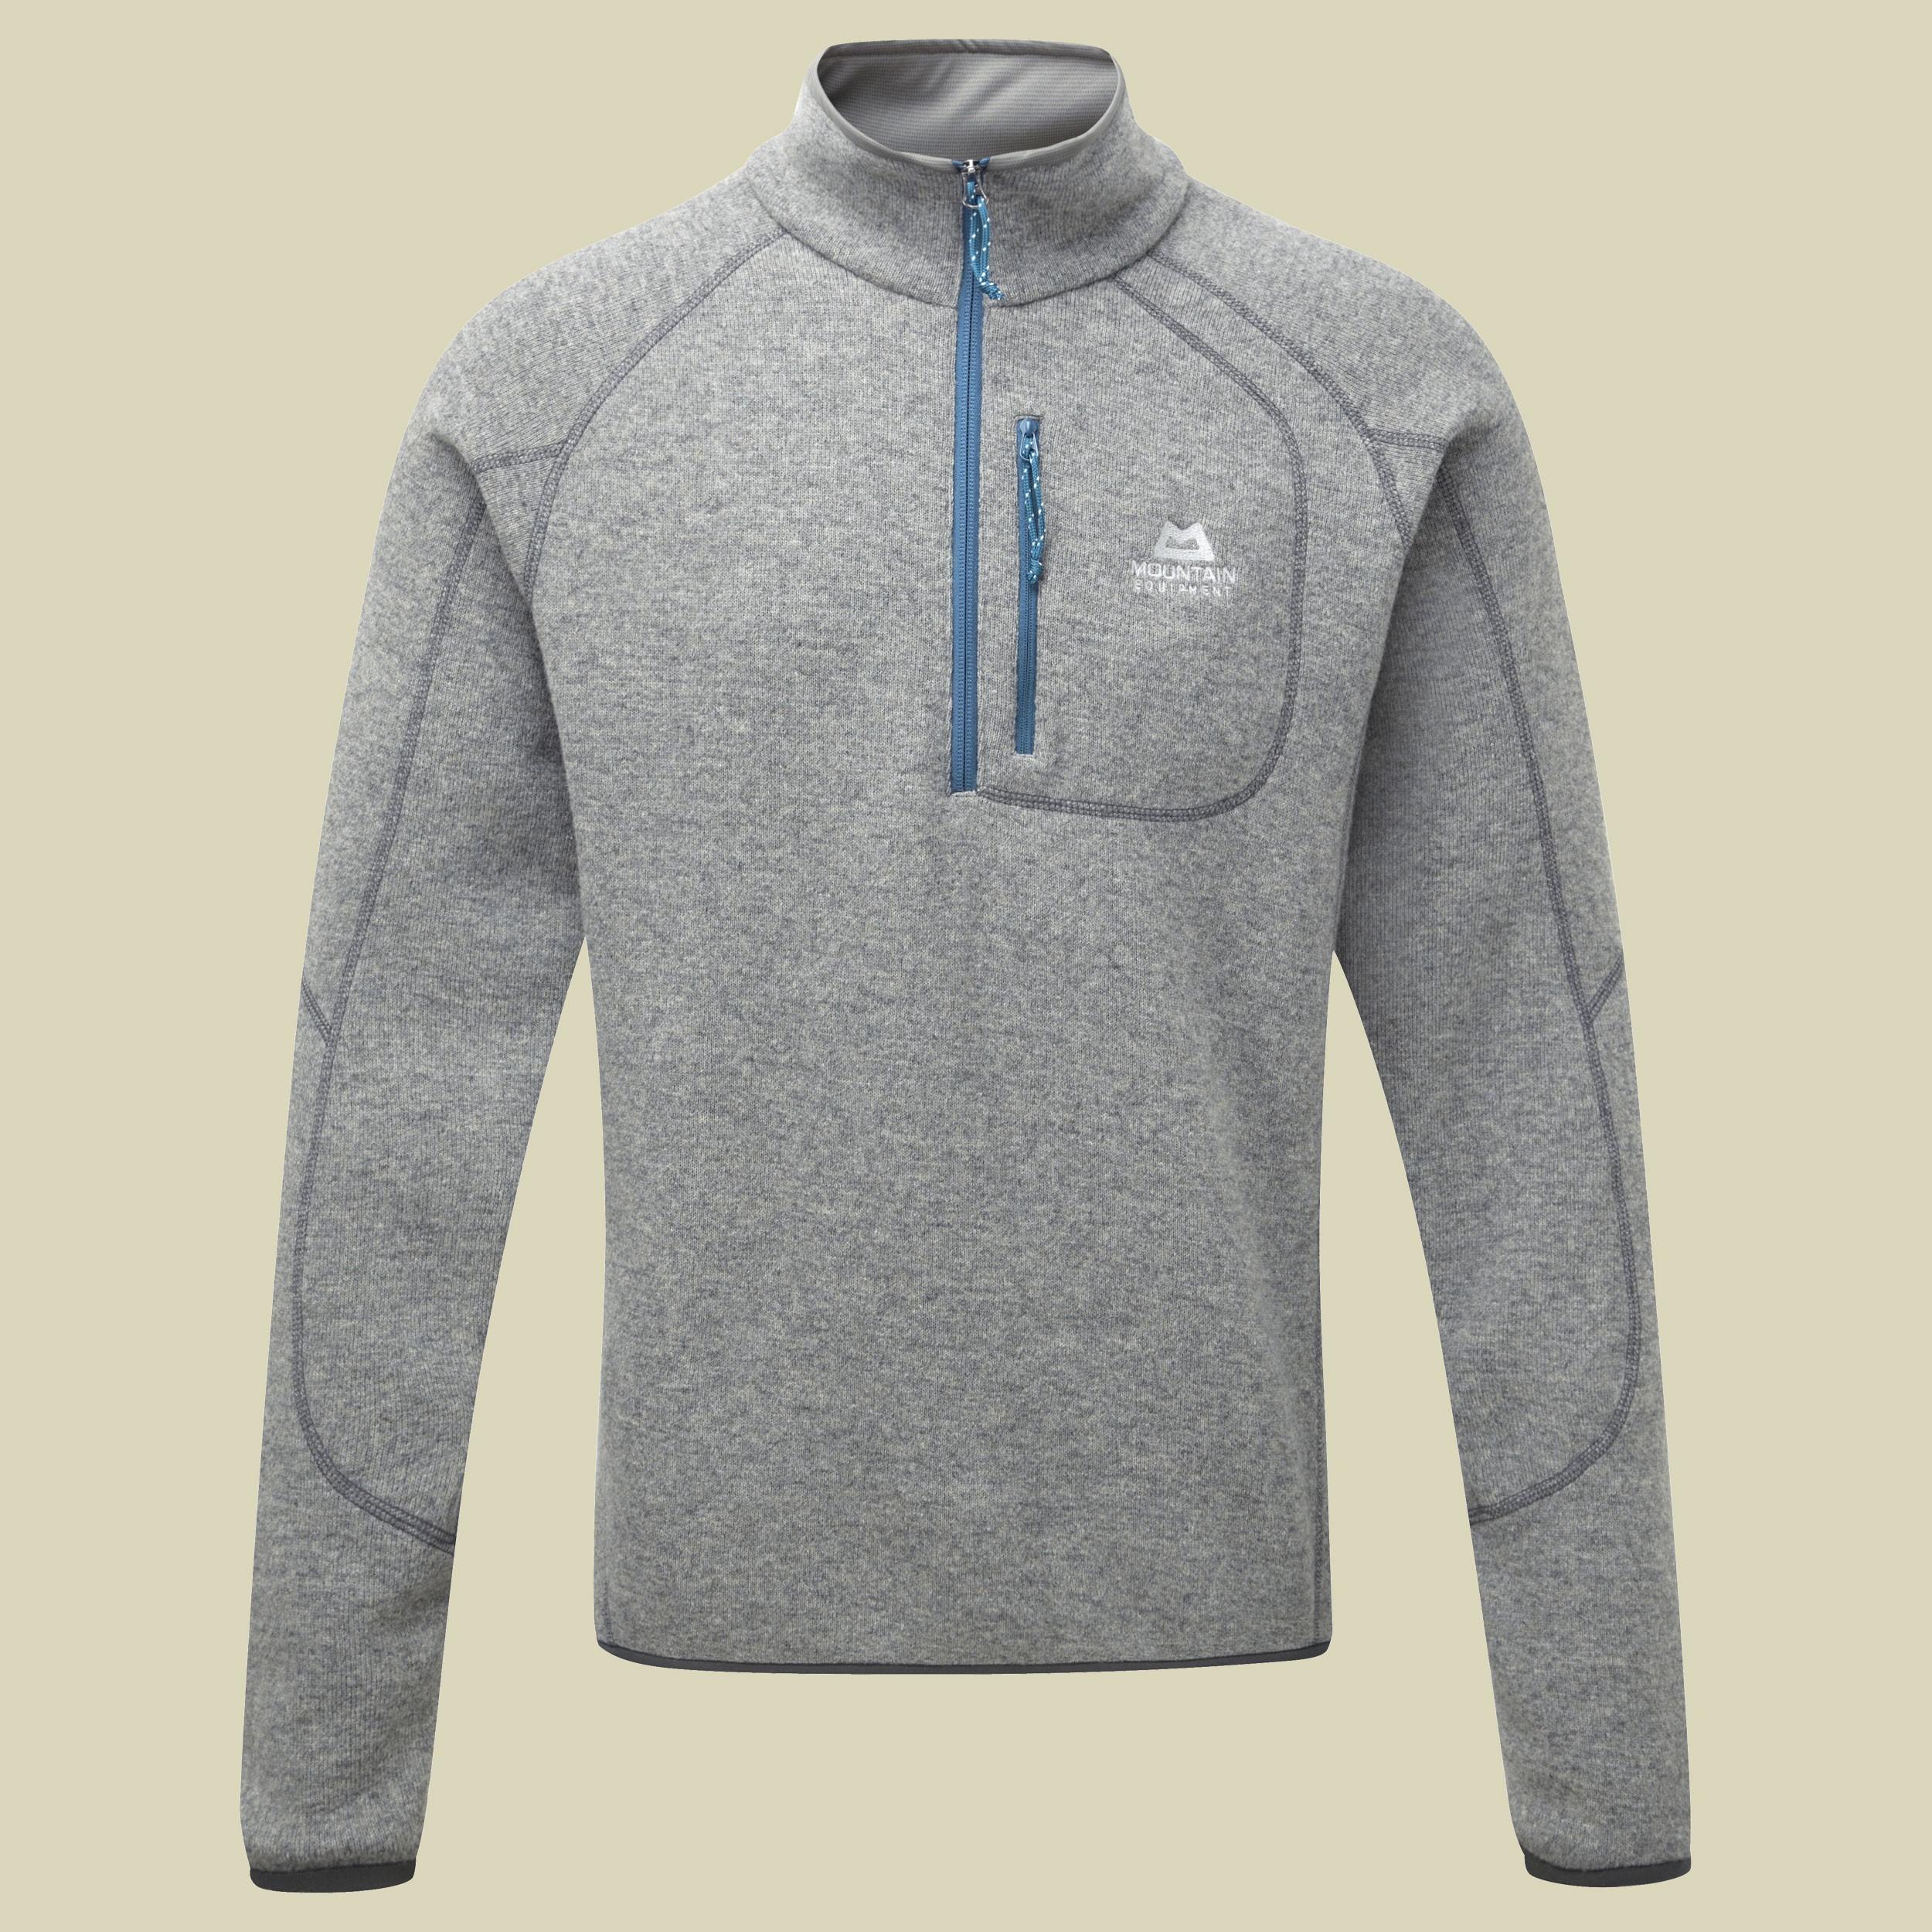 Chamonix Zip Sweater